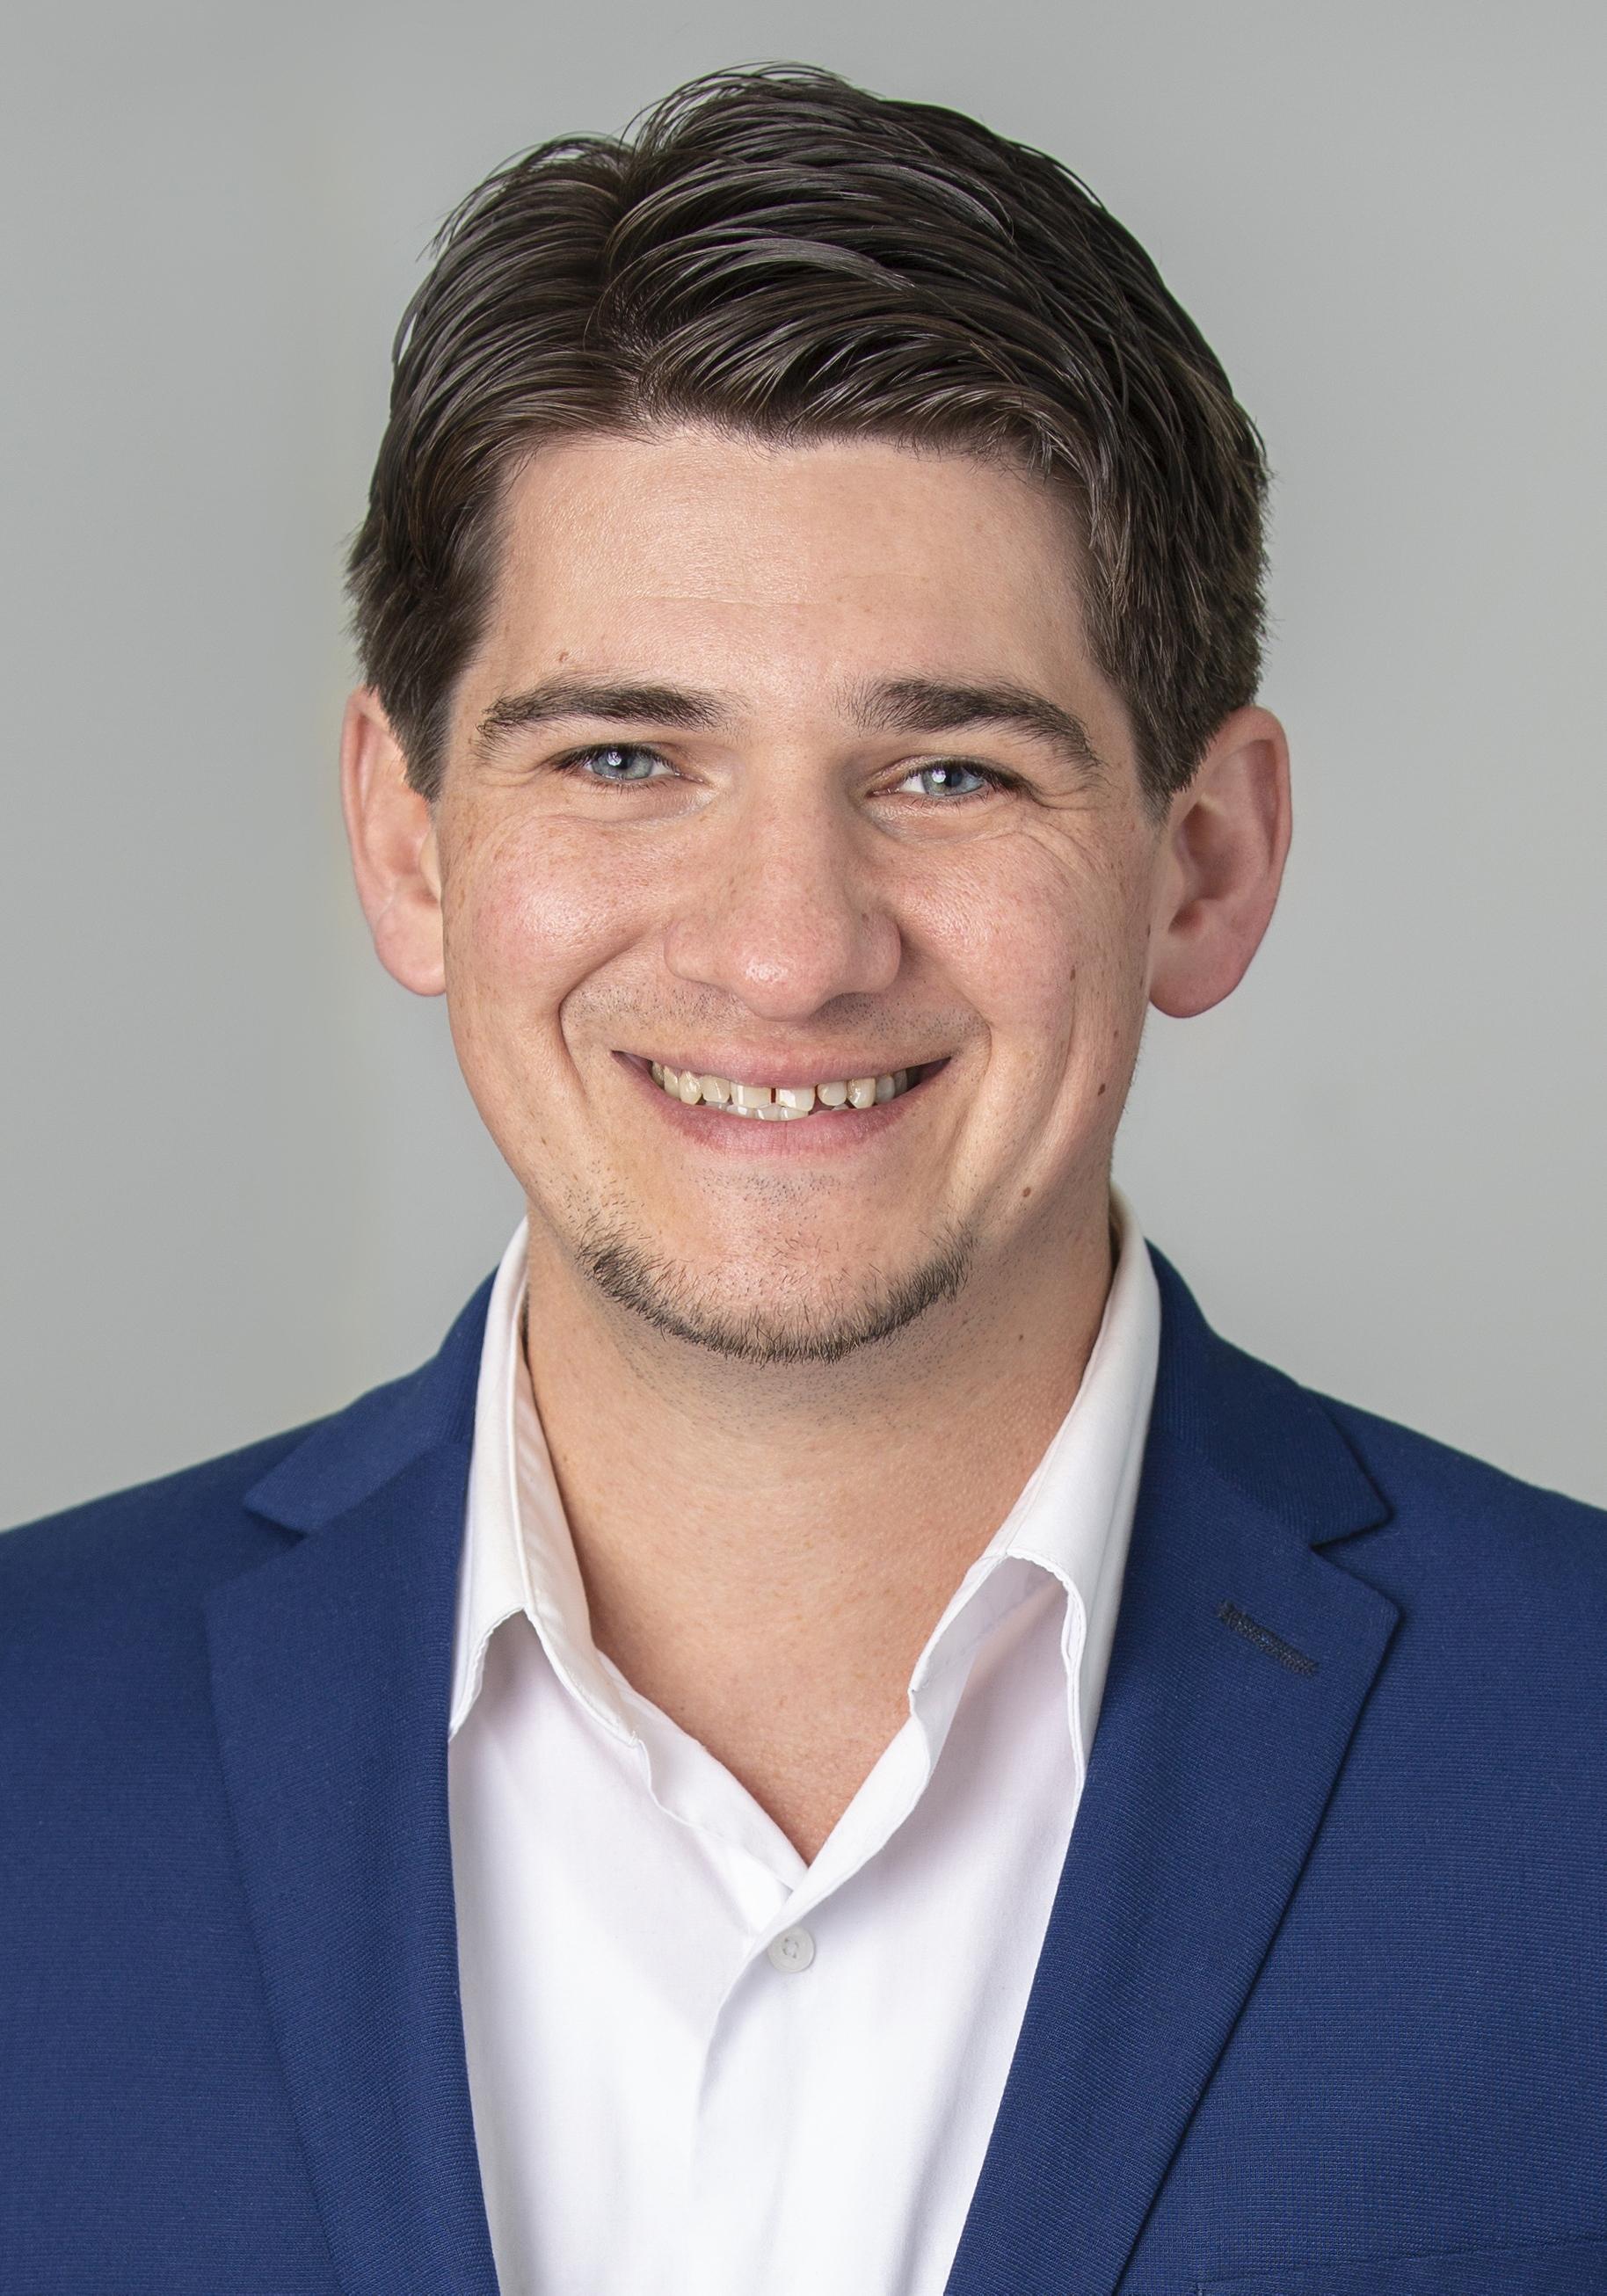 Benjamin Jampel